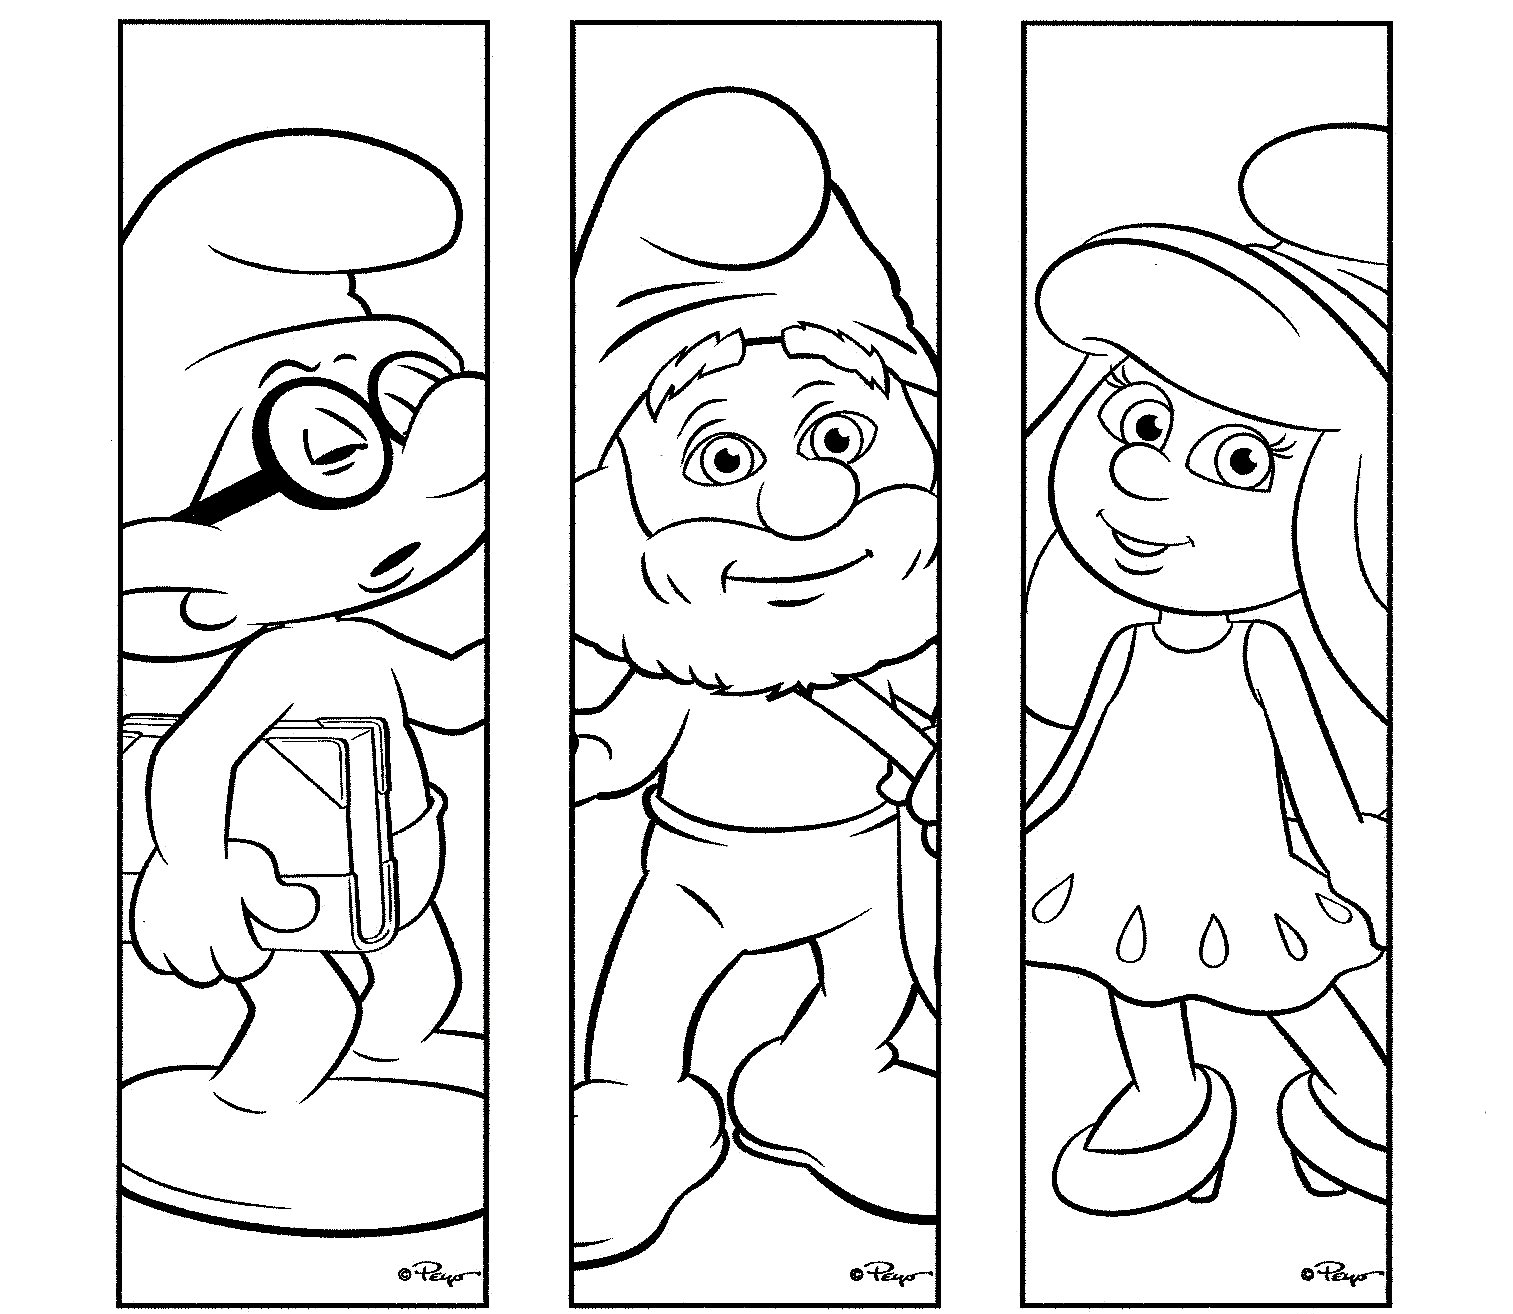 dibujos de los pitufos para colorear pitufos imprimir gratis On dibujos para imprimir de